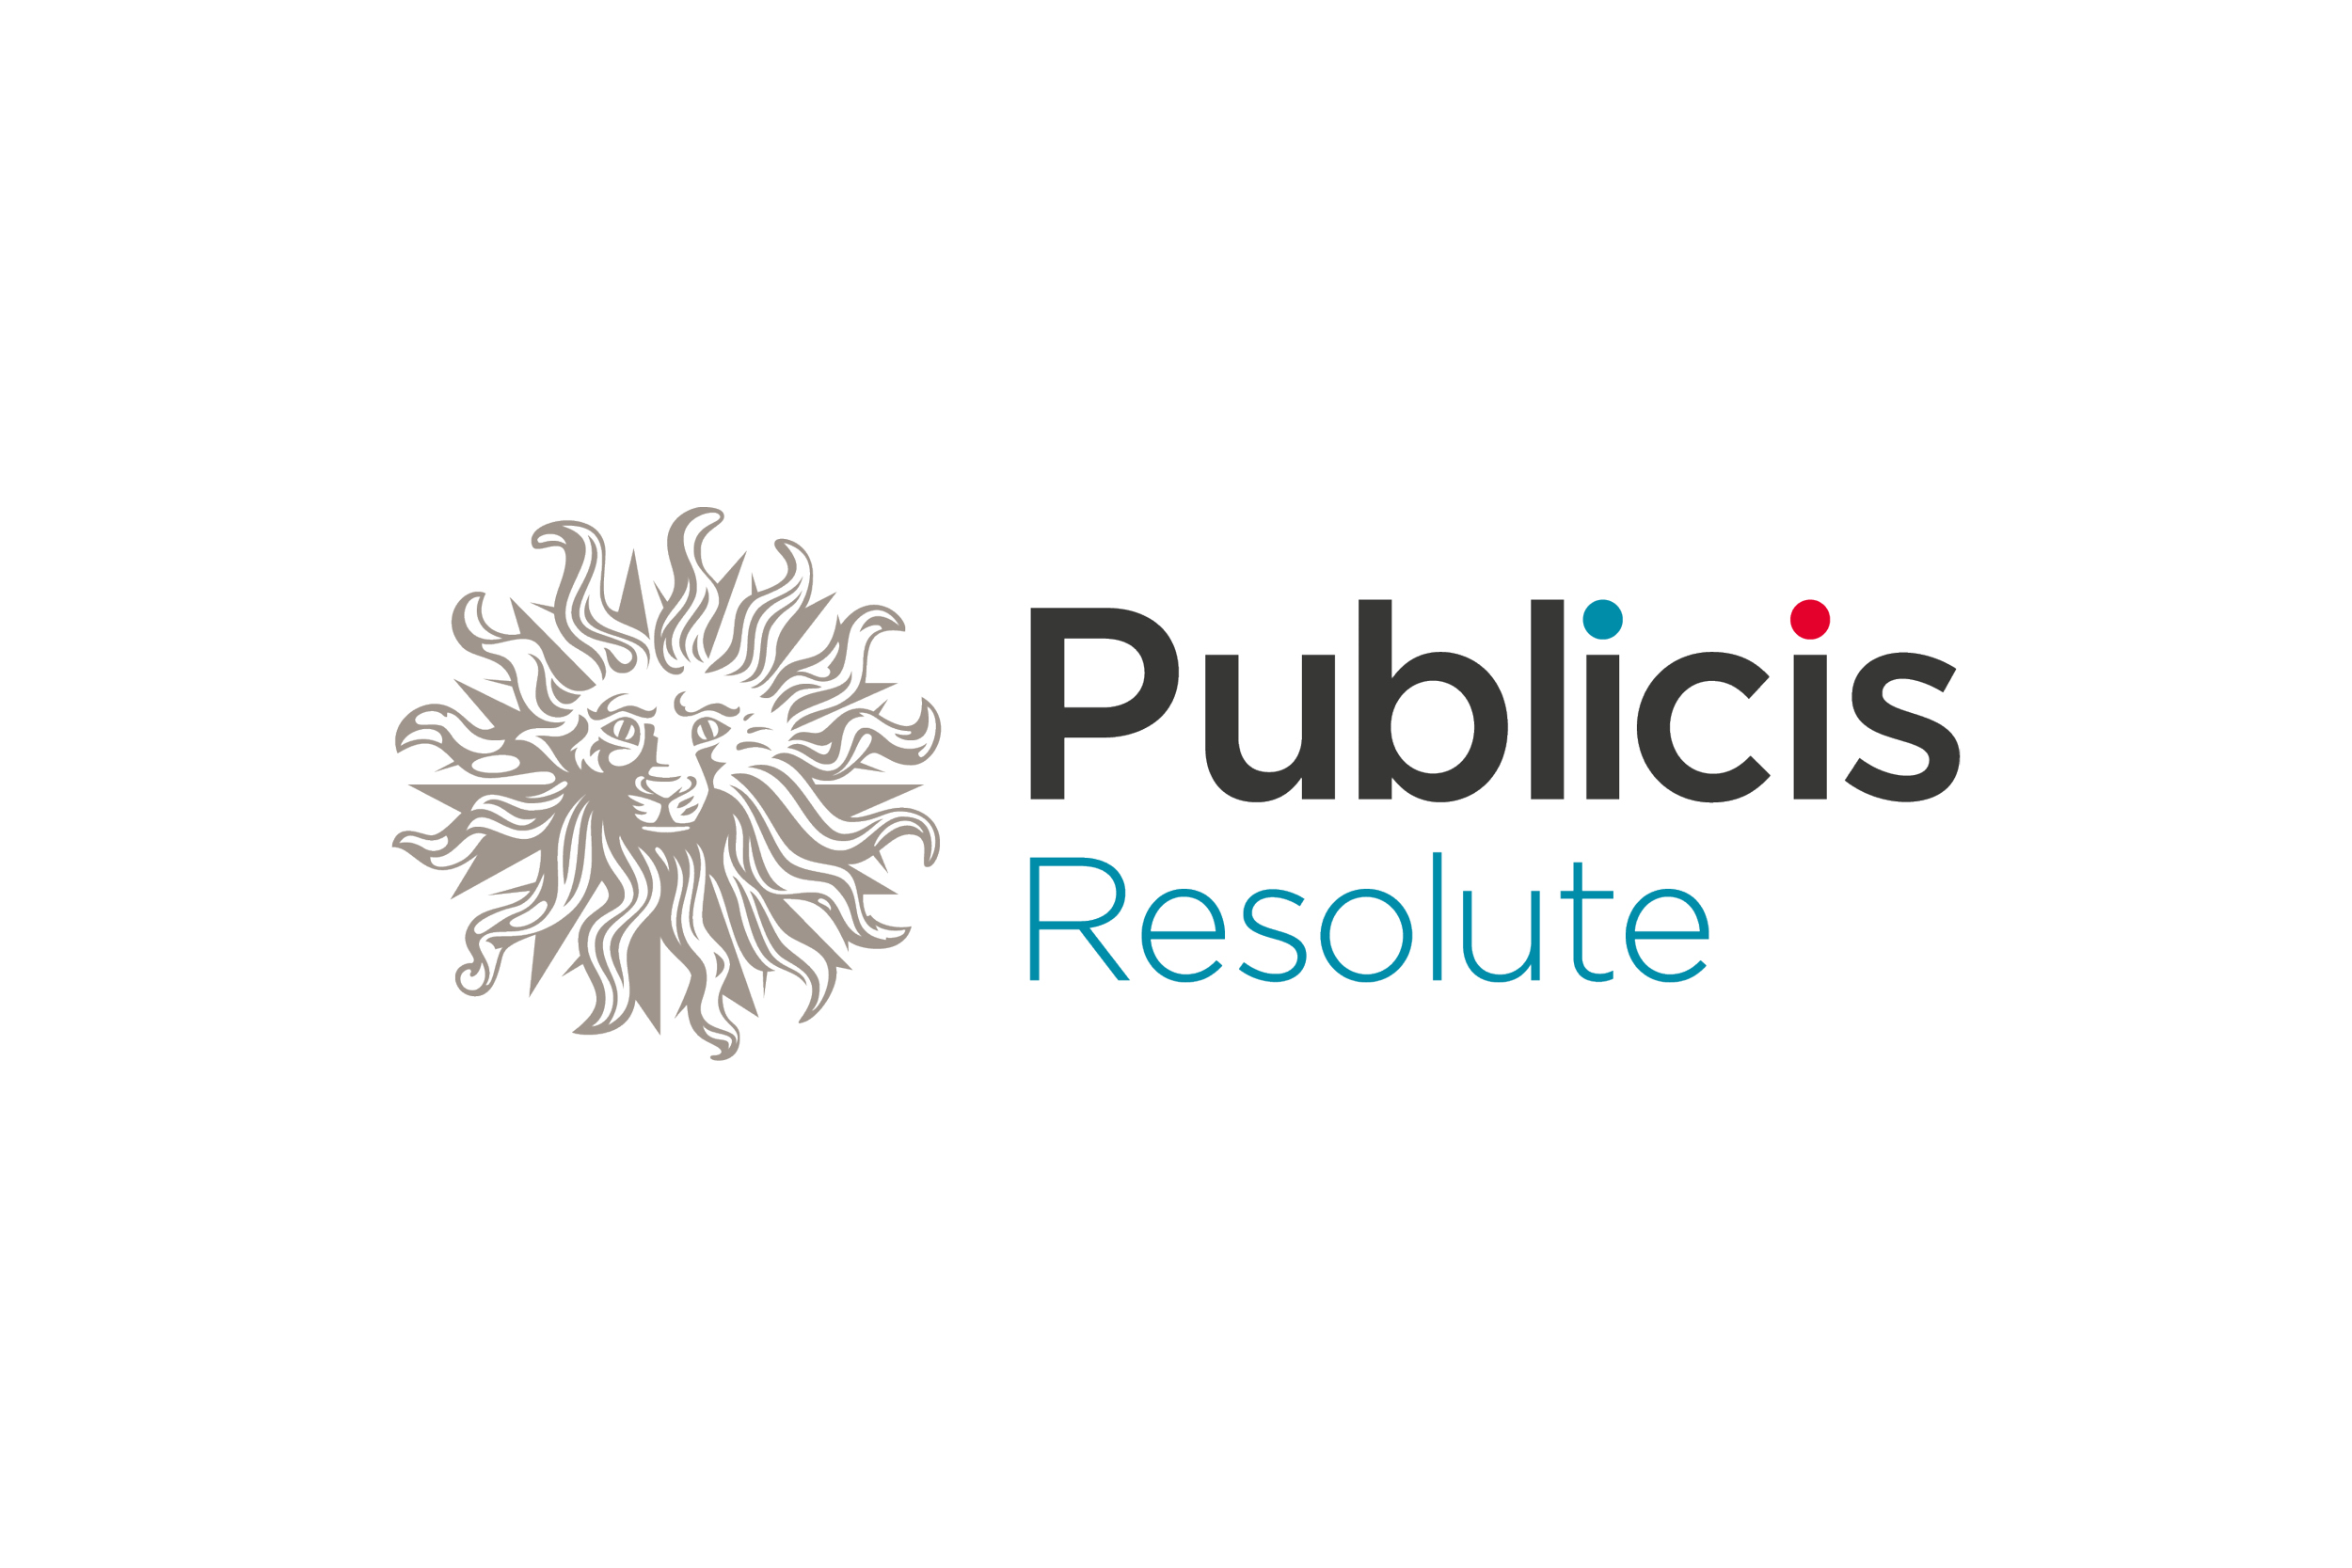 publicis resolute